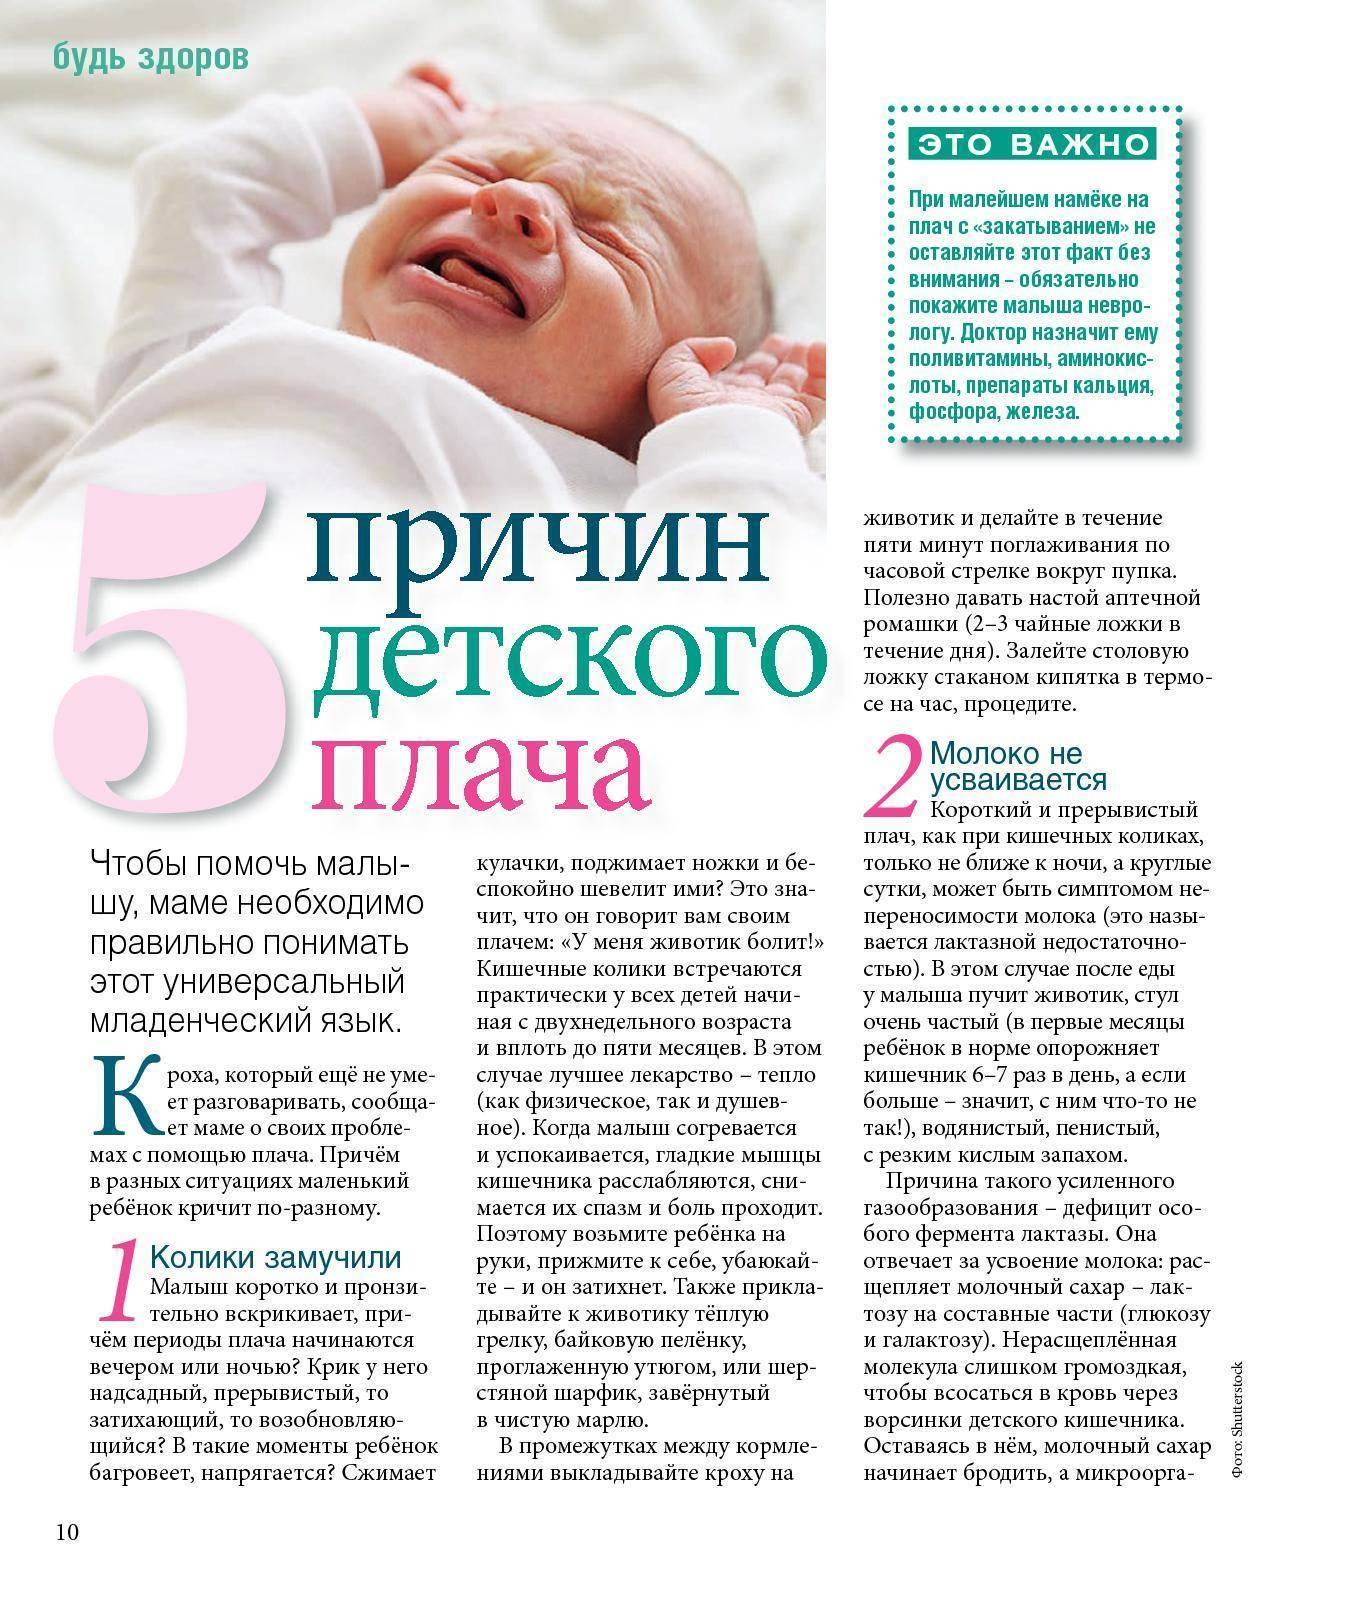 Новорожденного мучают колики: что делать, чтобы у грудничка не было колик